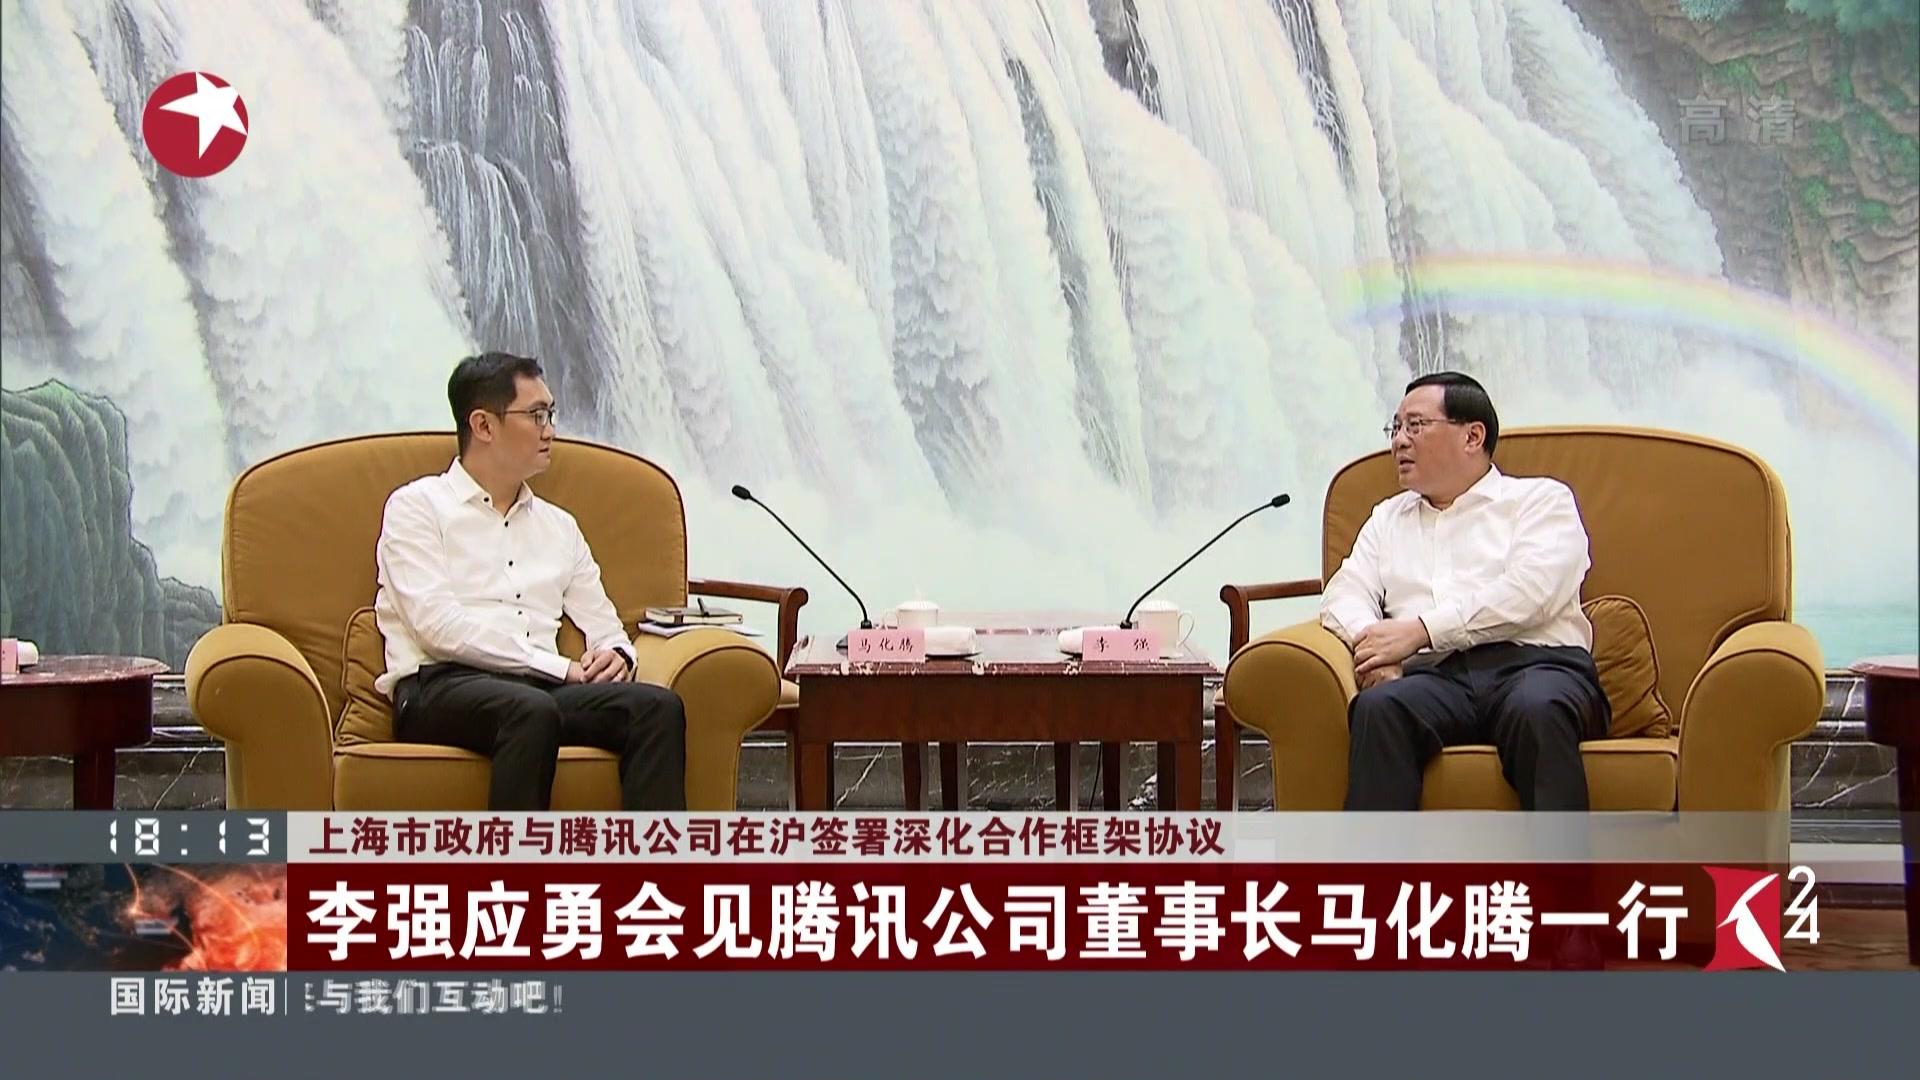 上海市政府与腾讯公司在沪签署深化合作框架协议  李强应勇会见腾讯公司董事长马化腾一行